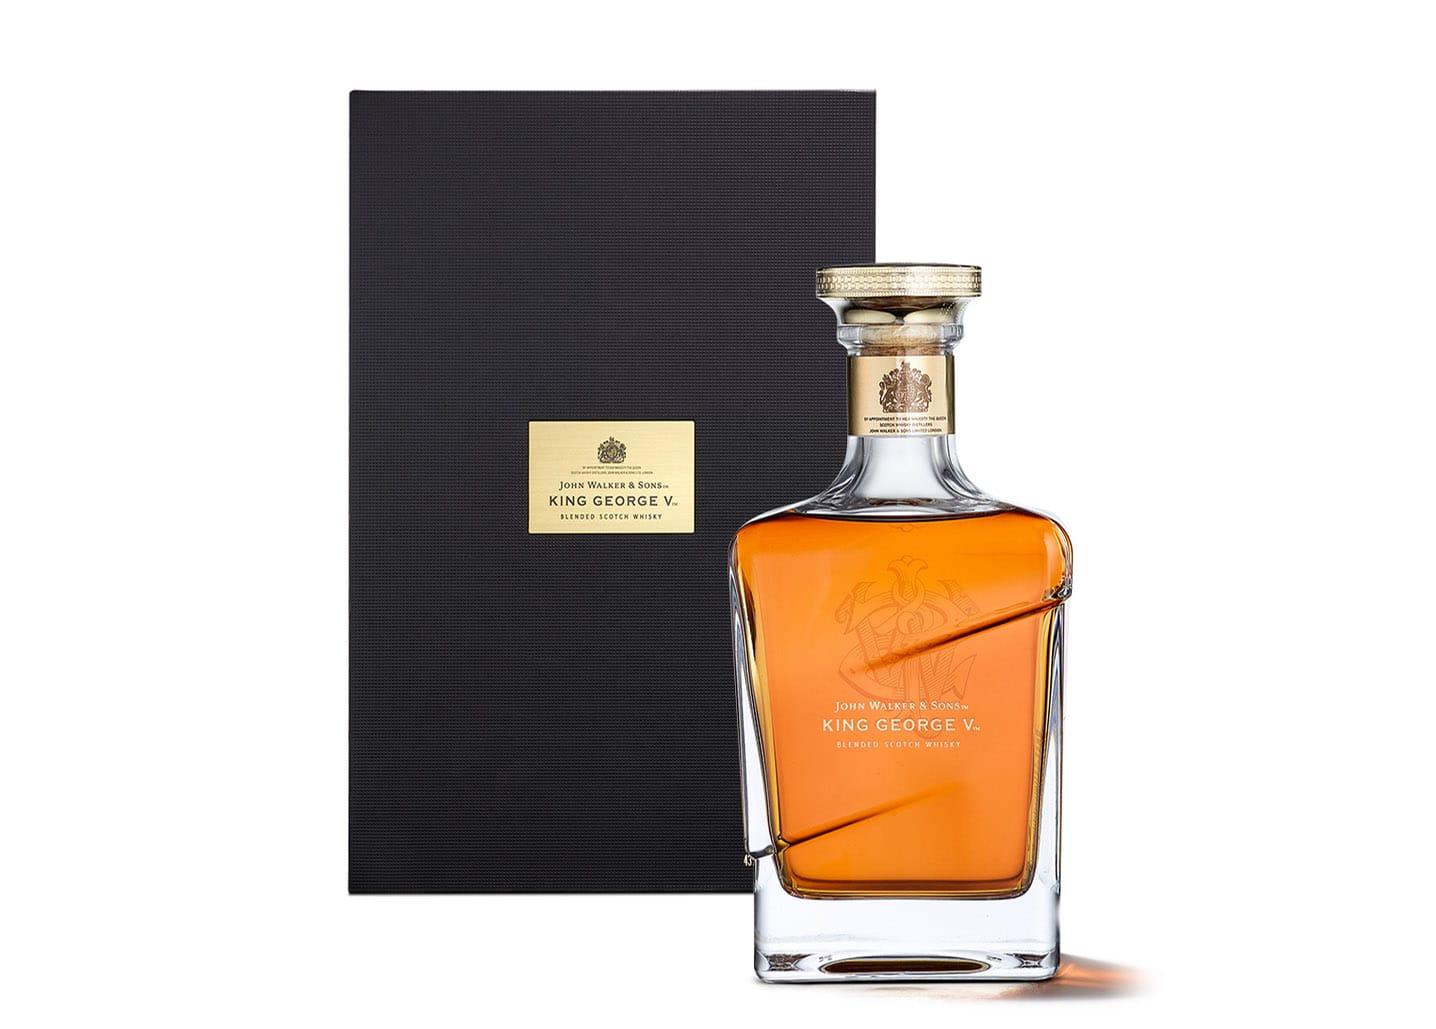 John Walker & Sons King George V - Todo Whisky